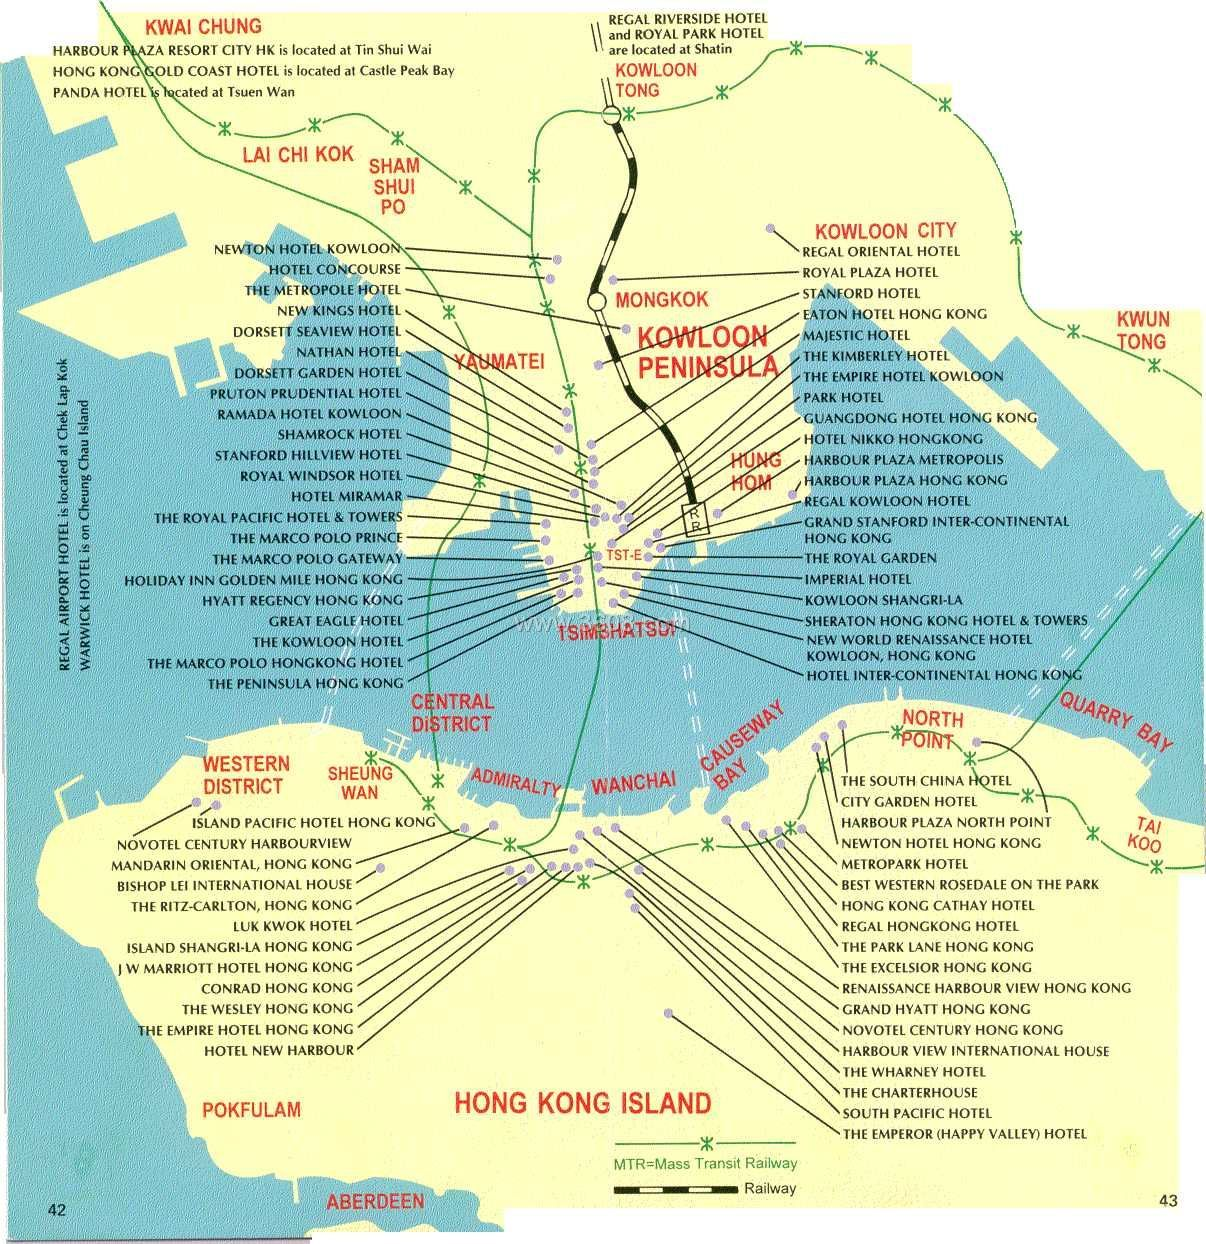 香港酒店分布图(英文)